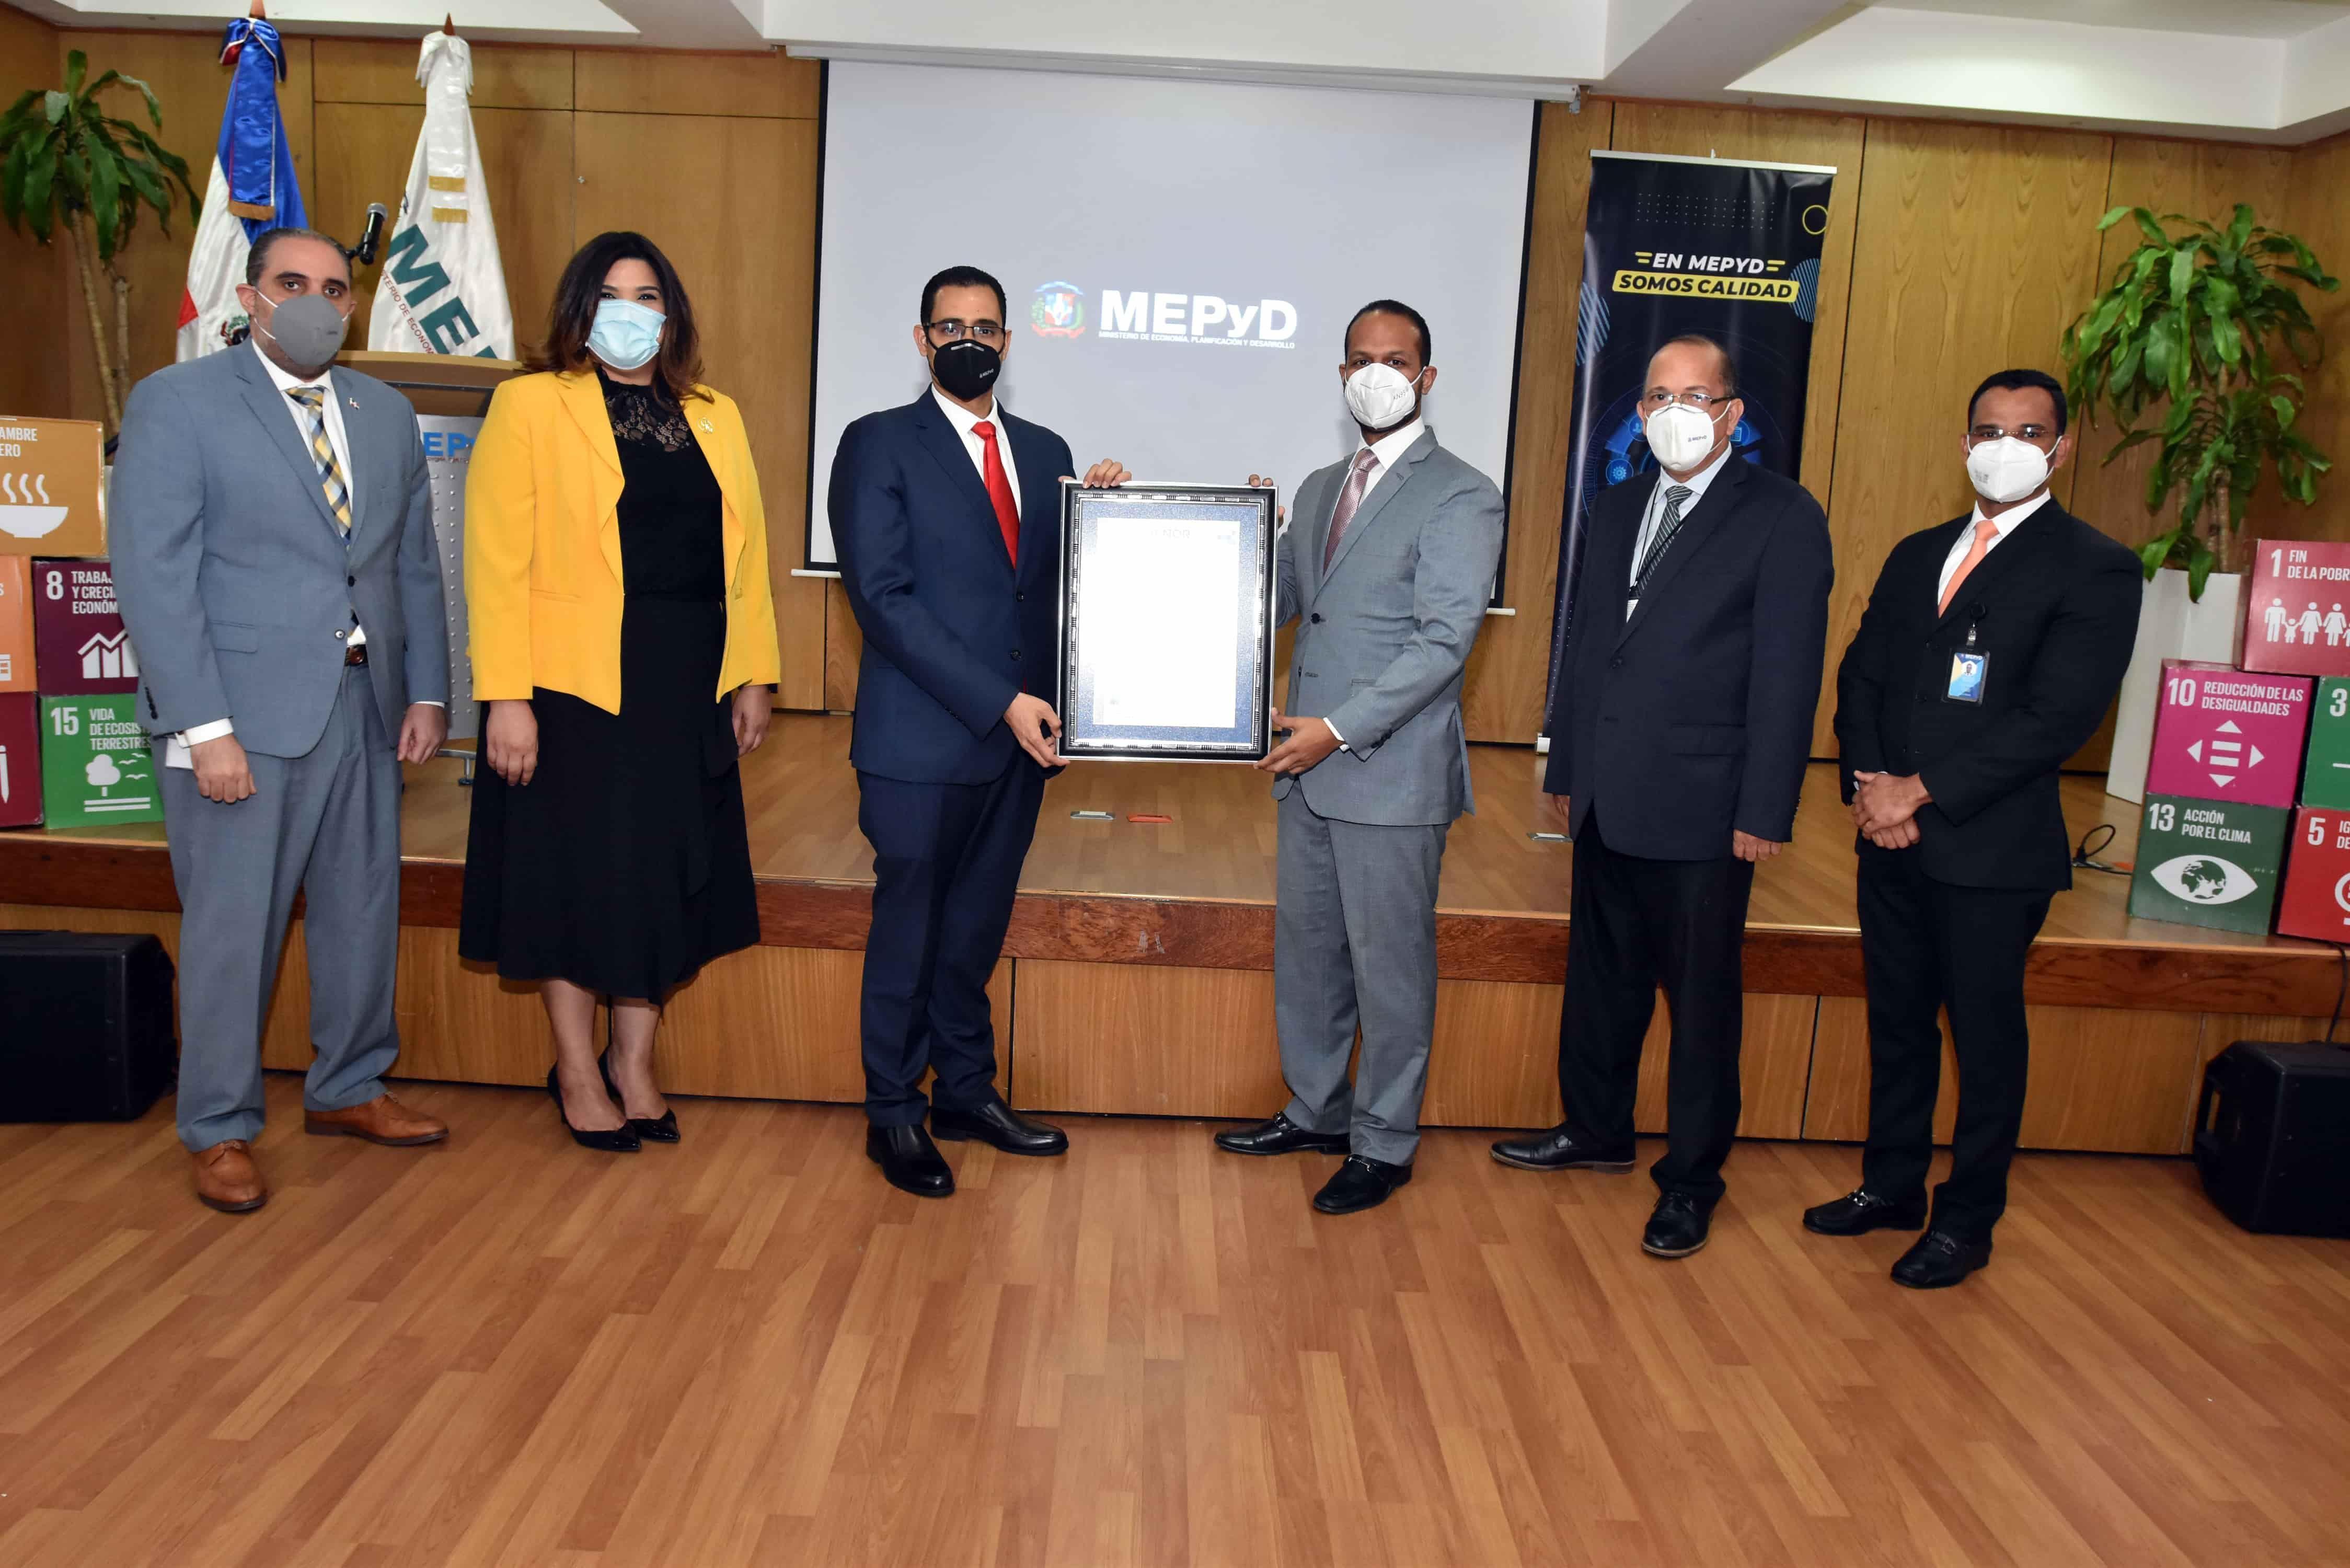 <p>MEPyD recibe Certificaci&oacute;n Internacional de Protocolos contra el COVID-19</p>